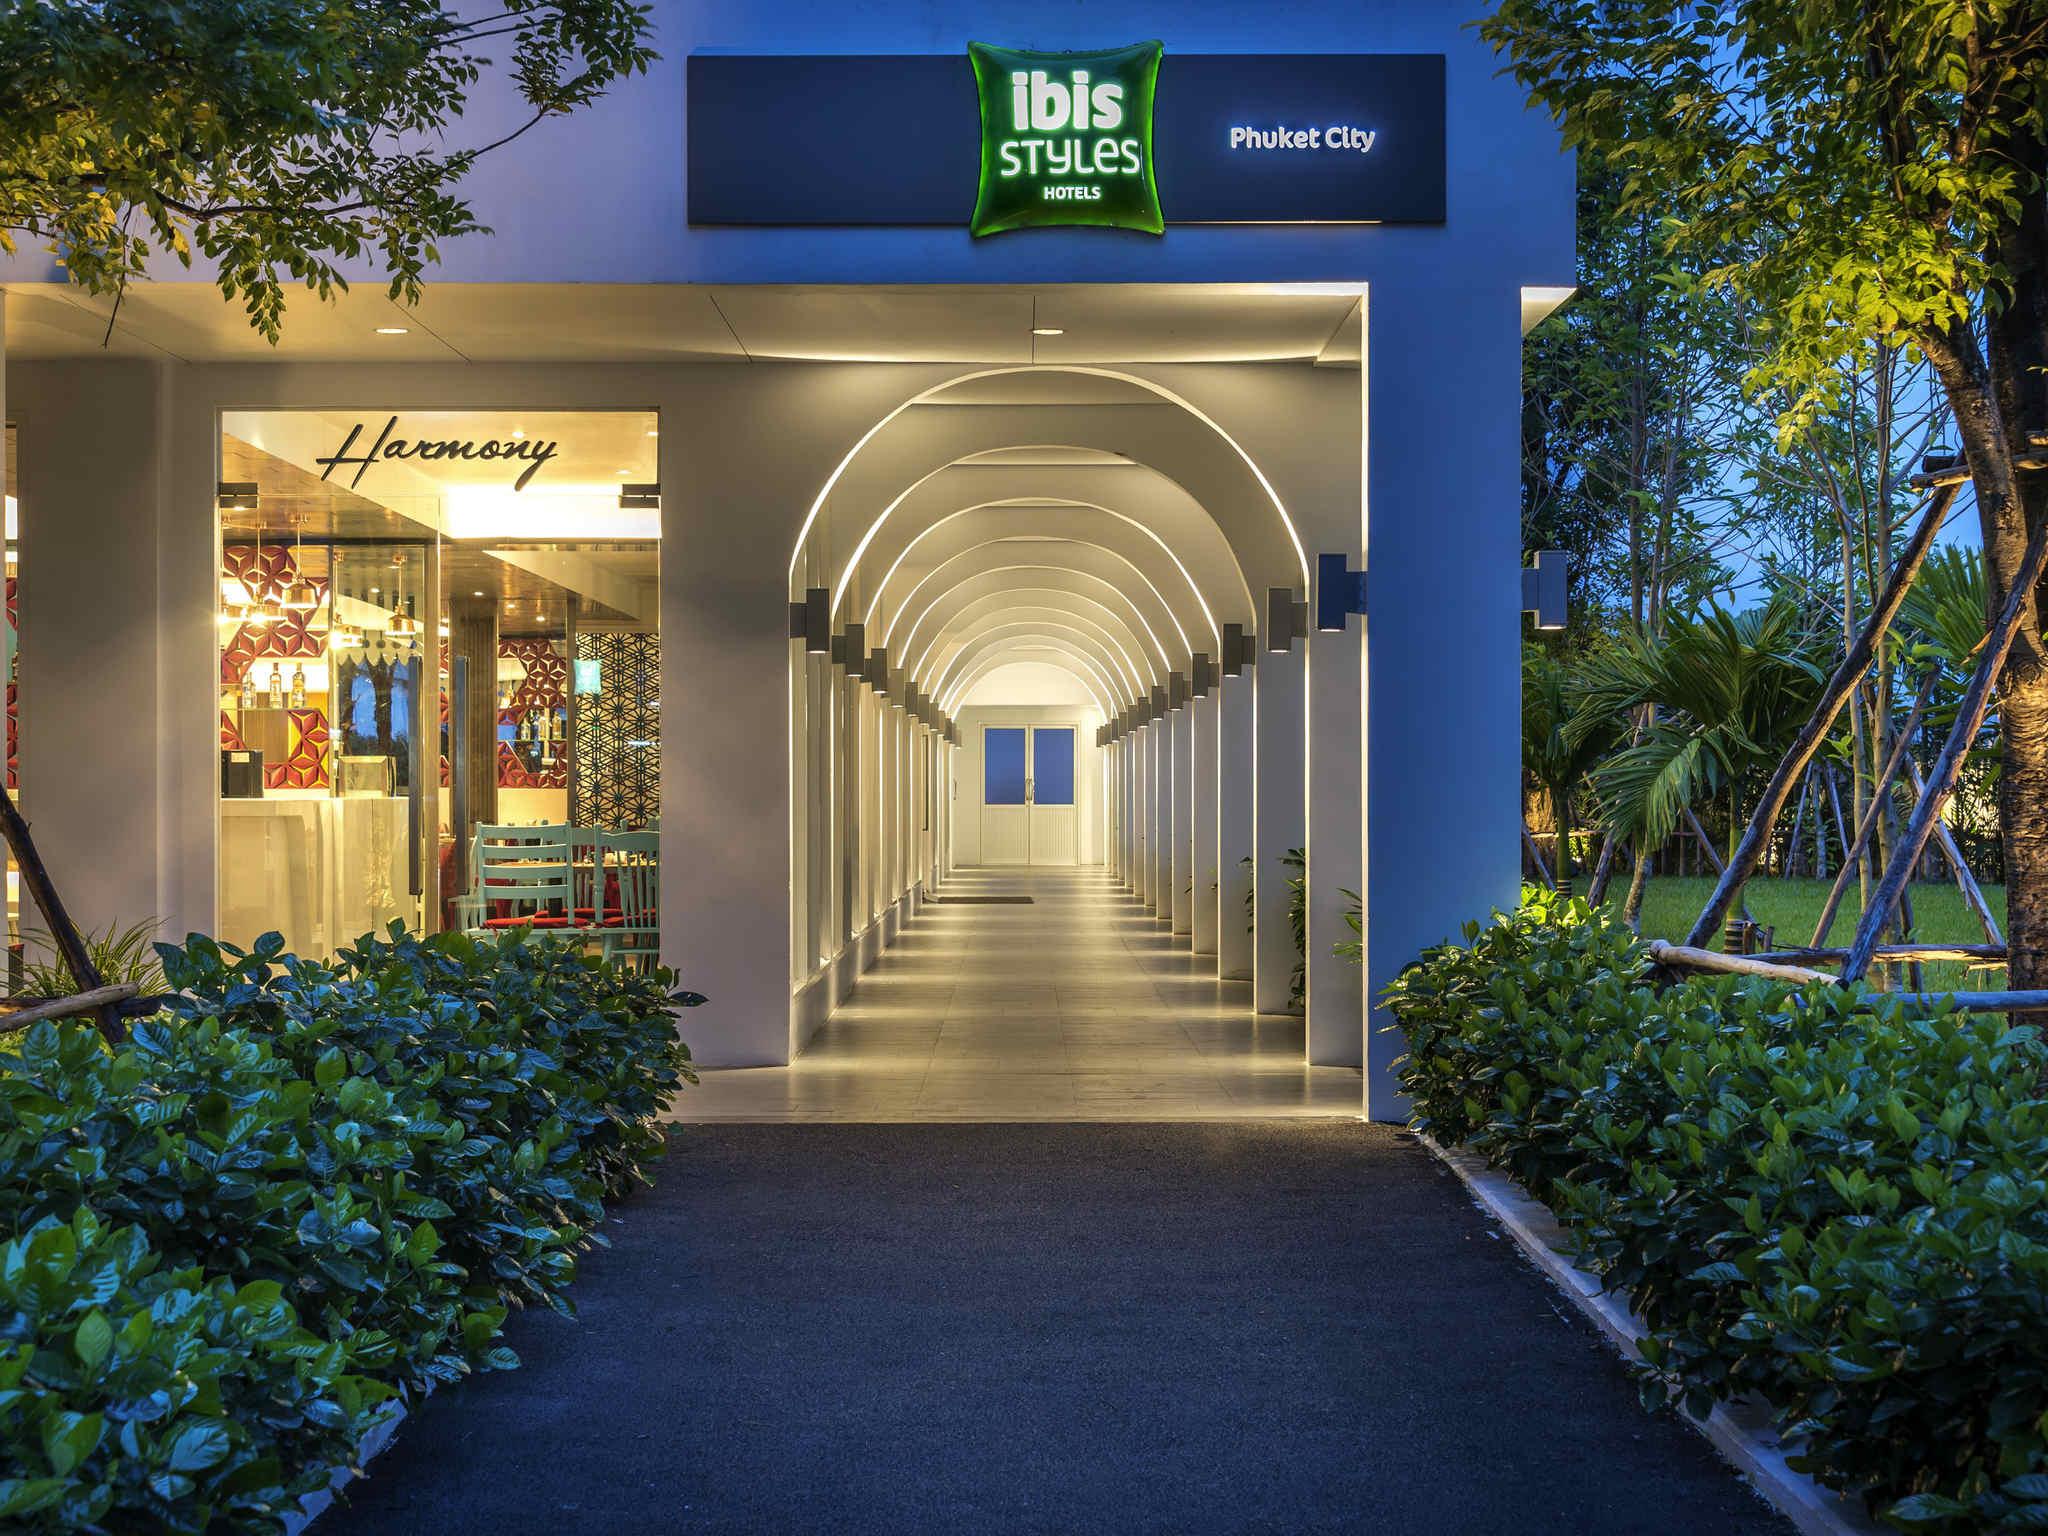 โรงแรม – ไอบิส สไตล์ ภูเก็ต ซิตี้